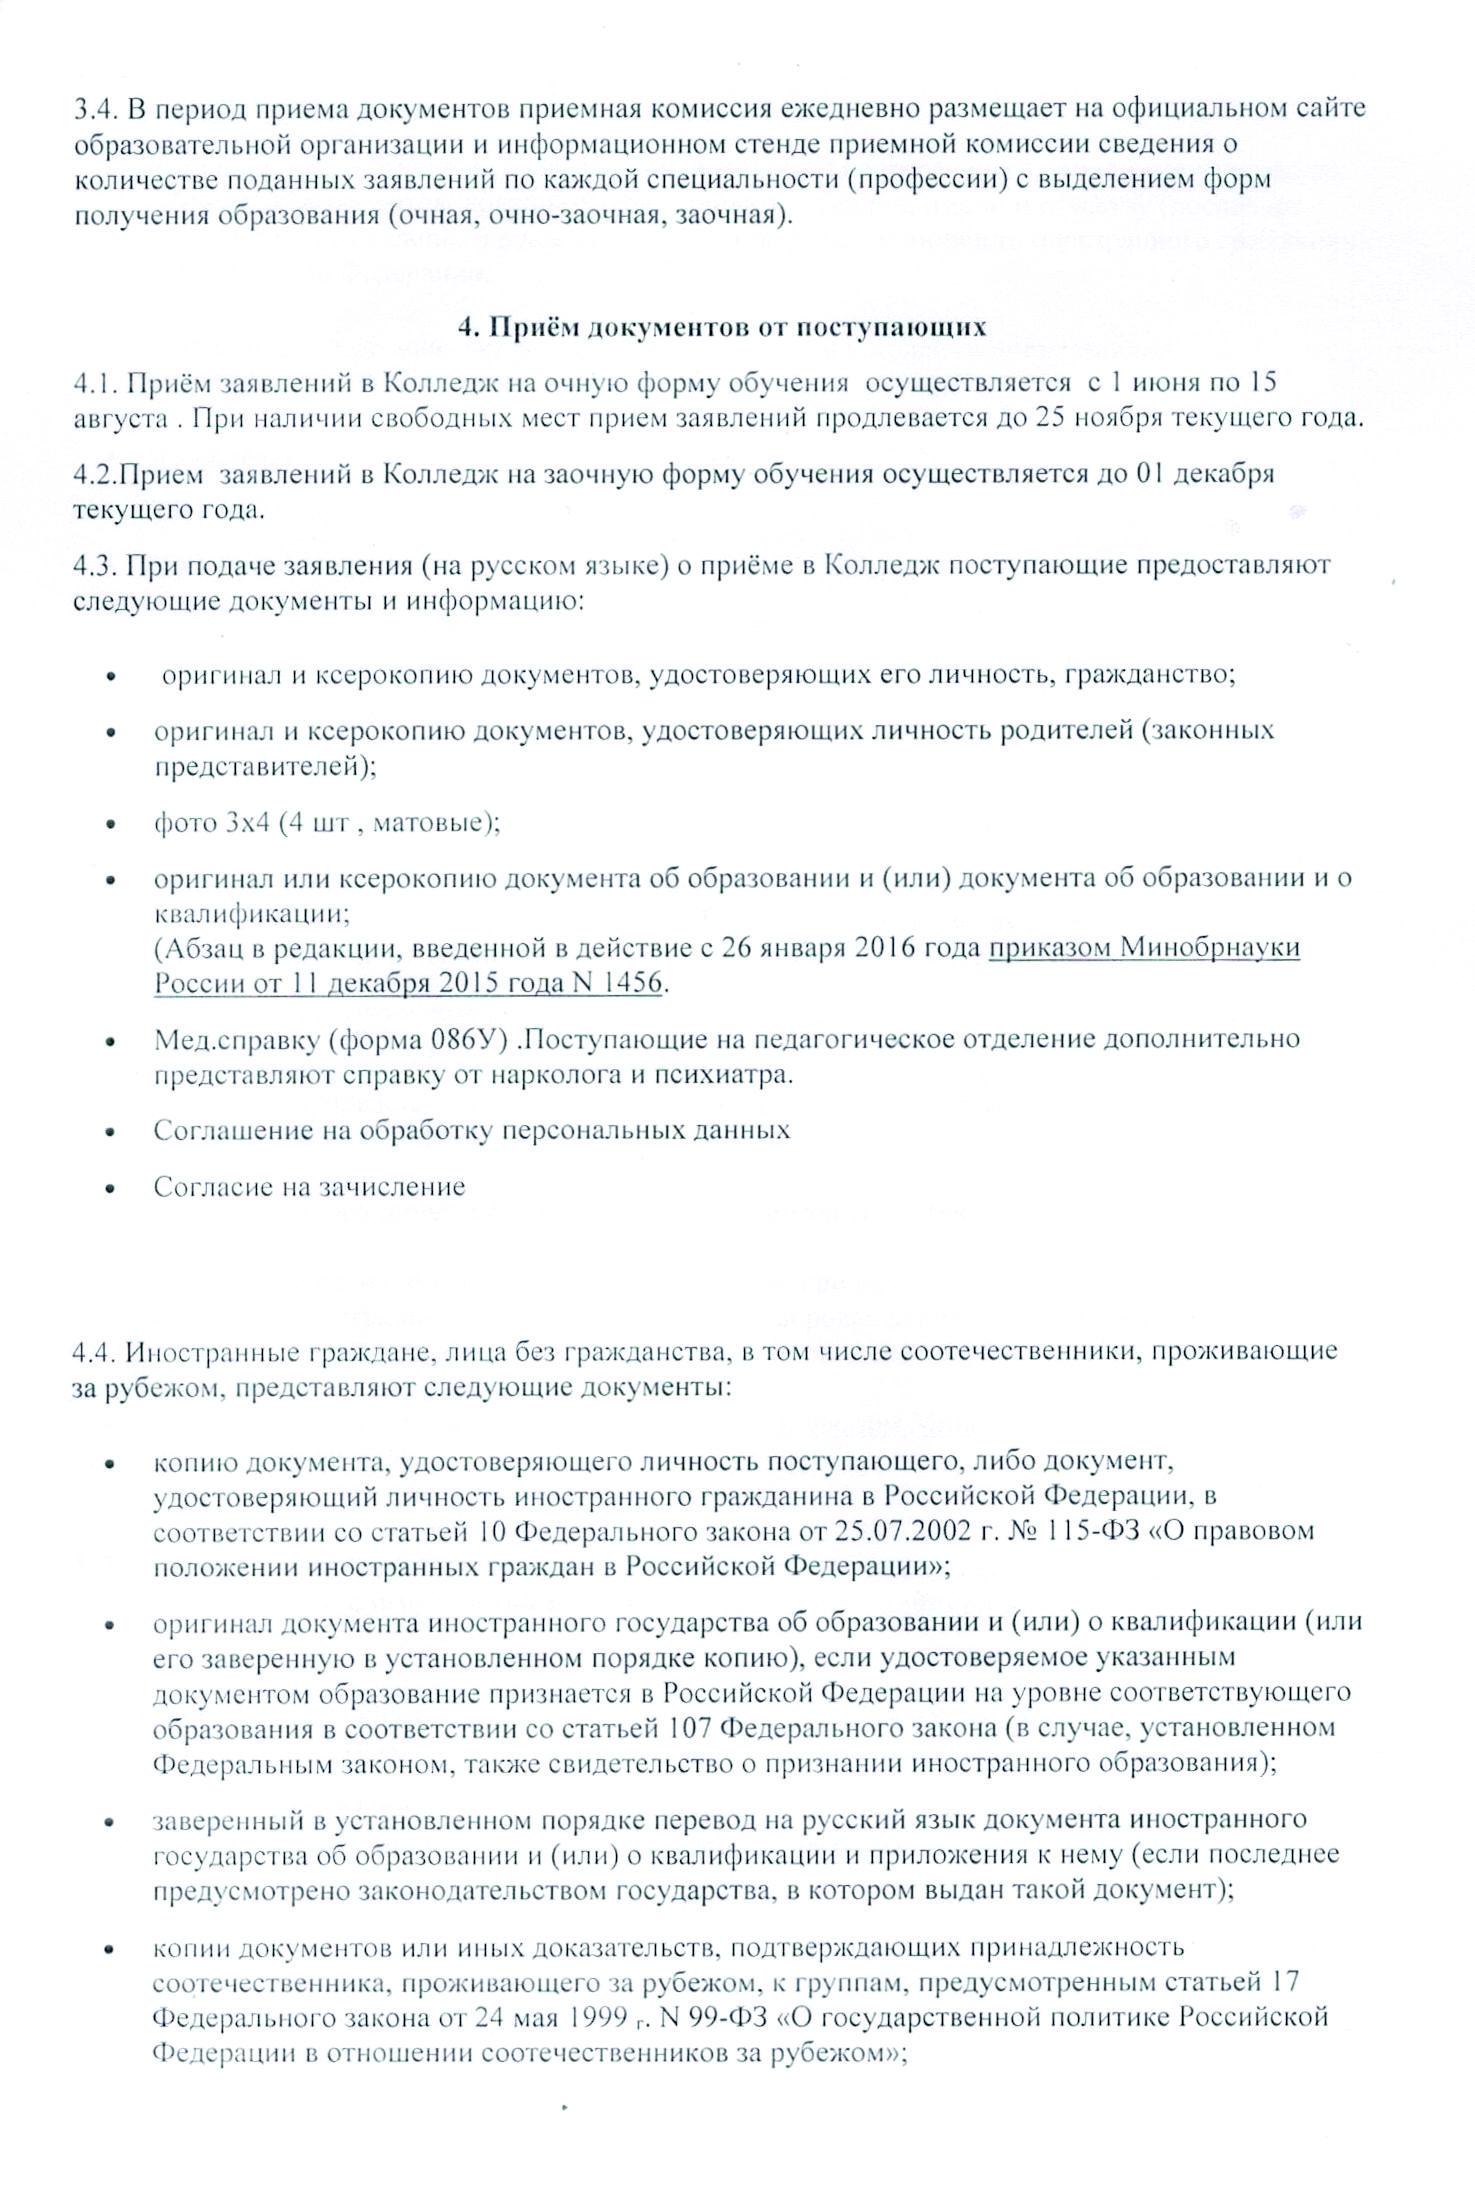 Мед справка 086 в Подольске